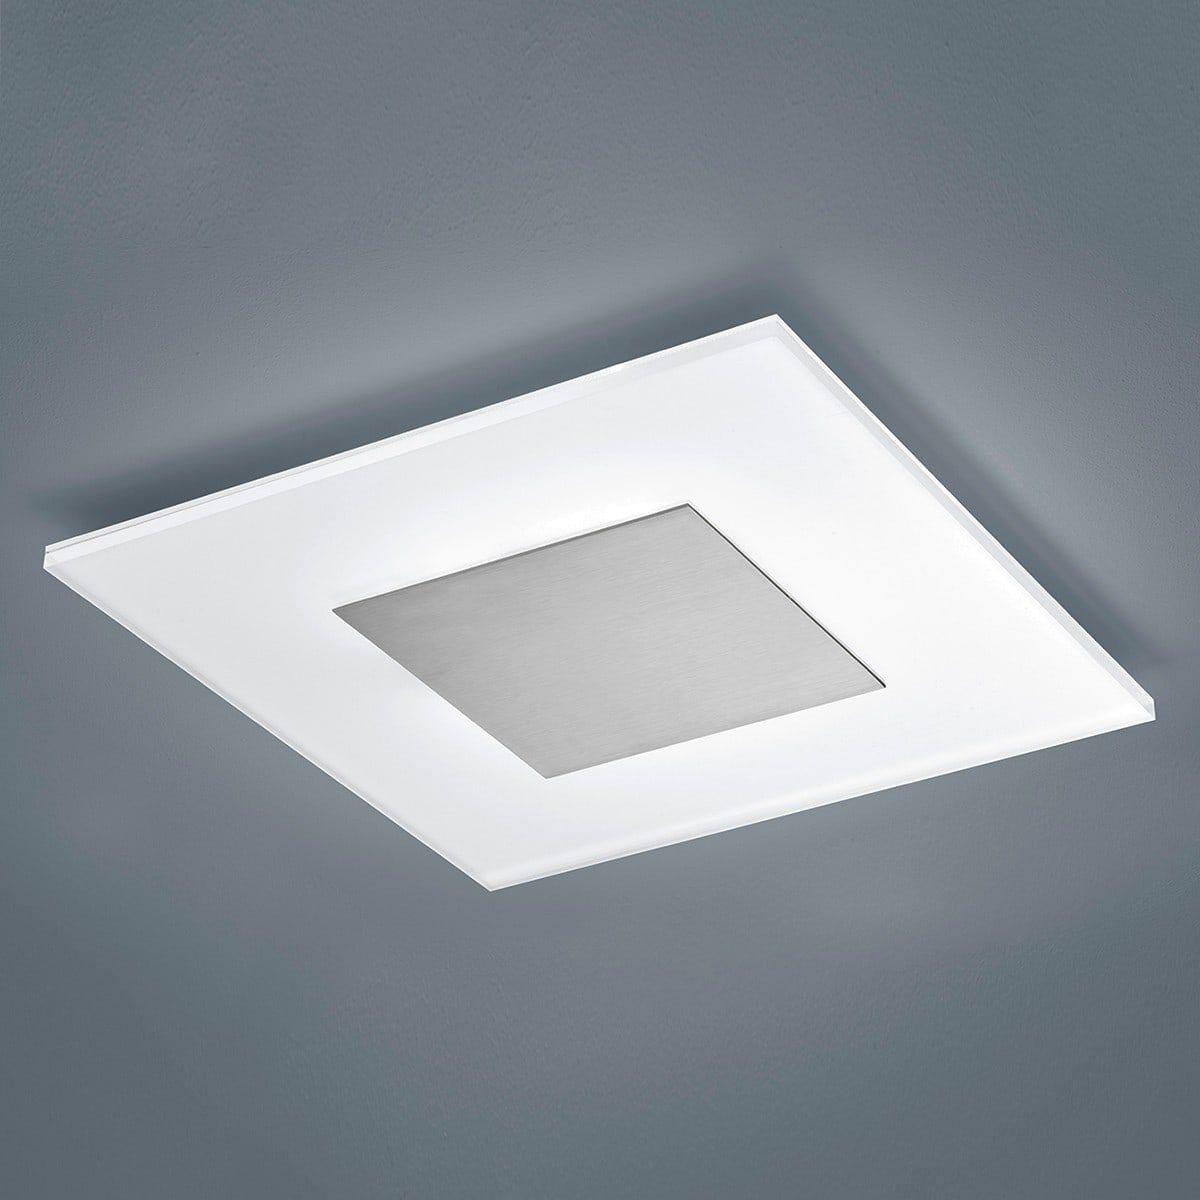 Deckendose Lampen Deckenleuchten Wohnzimmer Gunstig Kristall Lampen Modern Badezimmer Beleuchtung In 2020 Beleuchtung Wohnzimmer Deckenleuchten Beleuchtung Decke